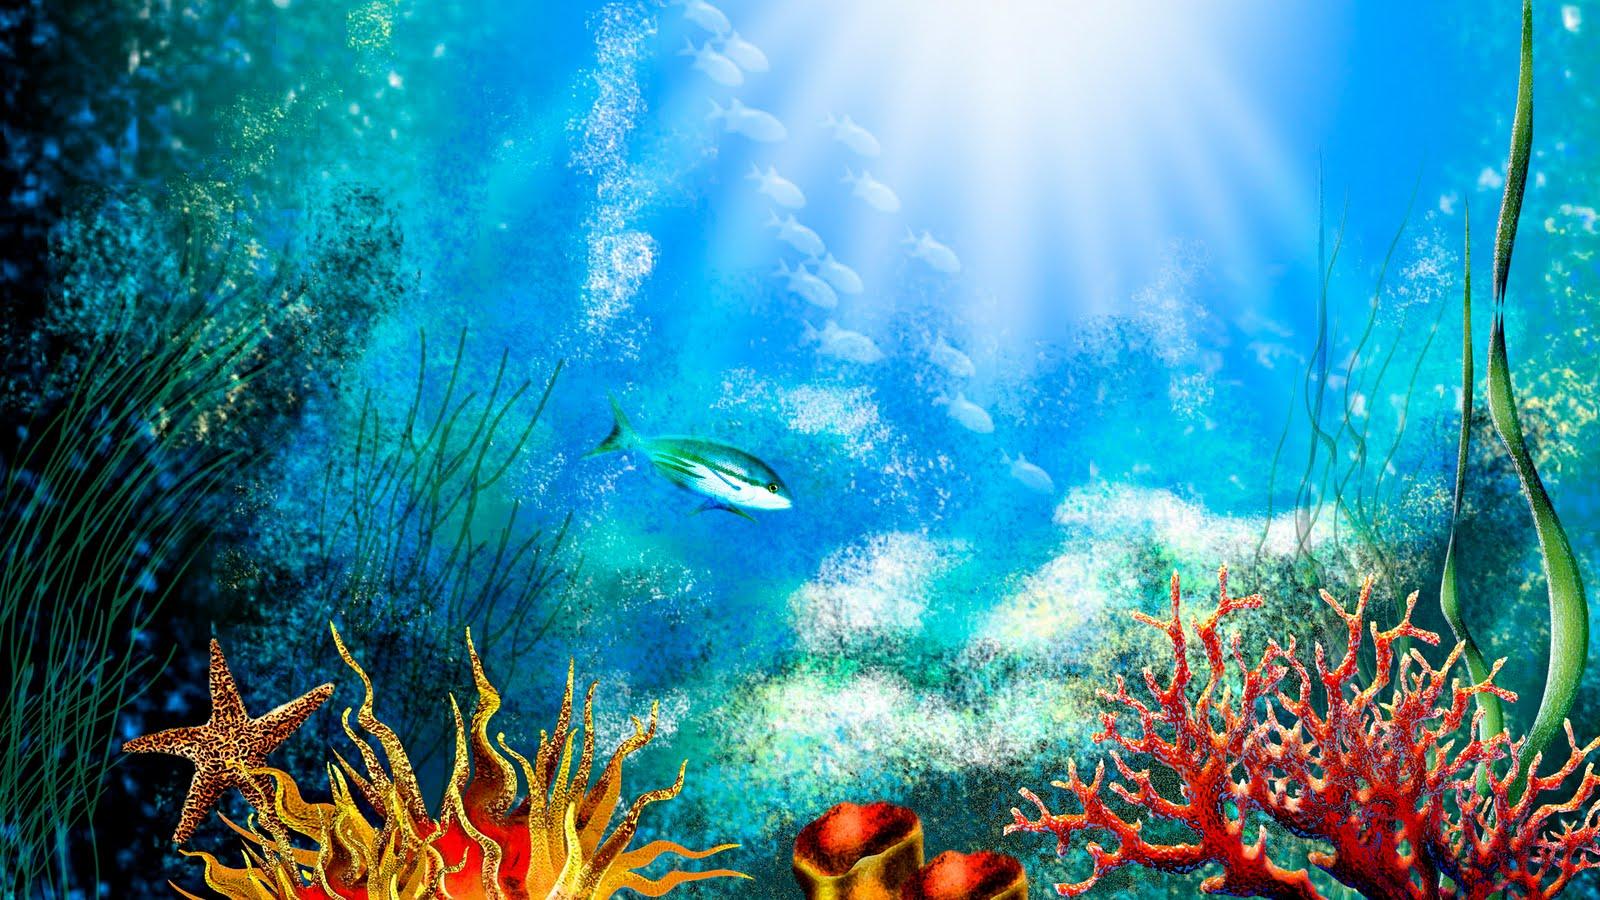 Trololo Blogg Free Hd Aquarium Wallpaper